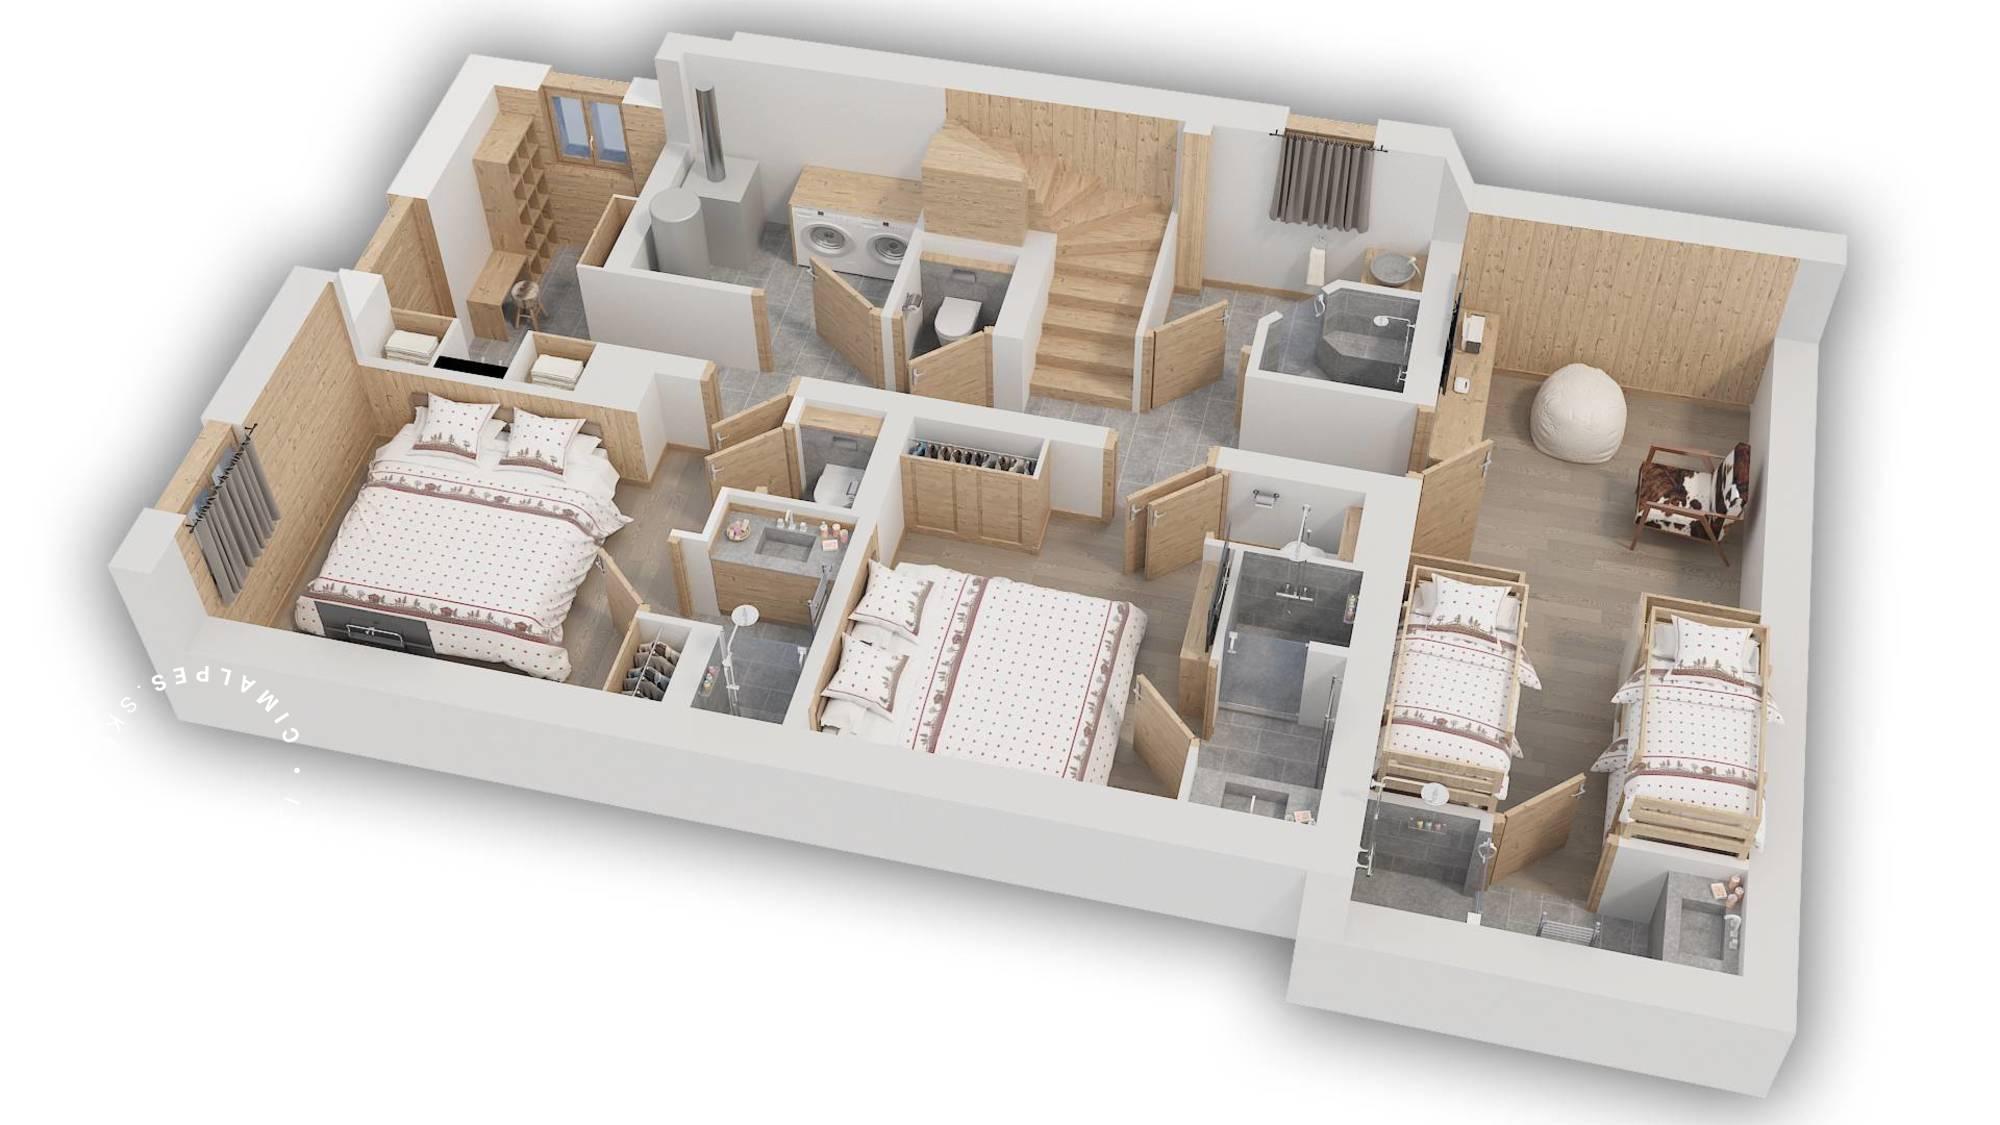 Chalet Hygge Meribel Floor Plan 1